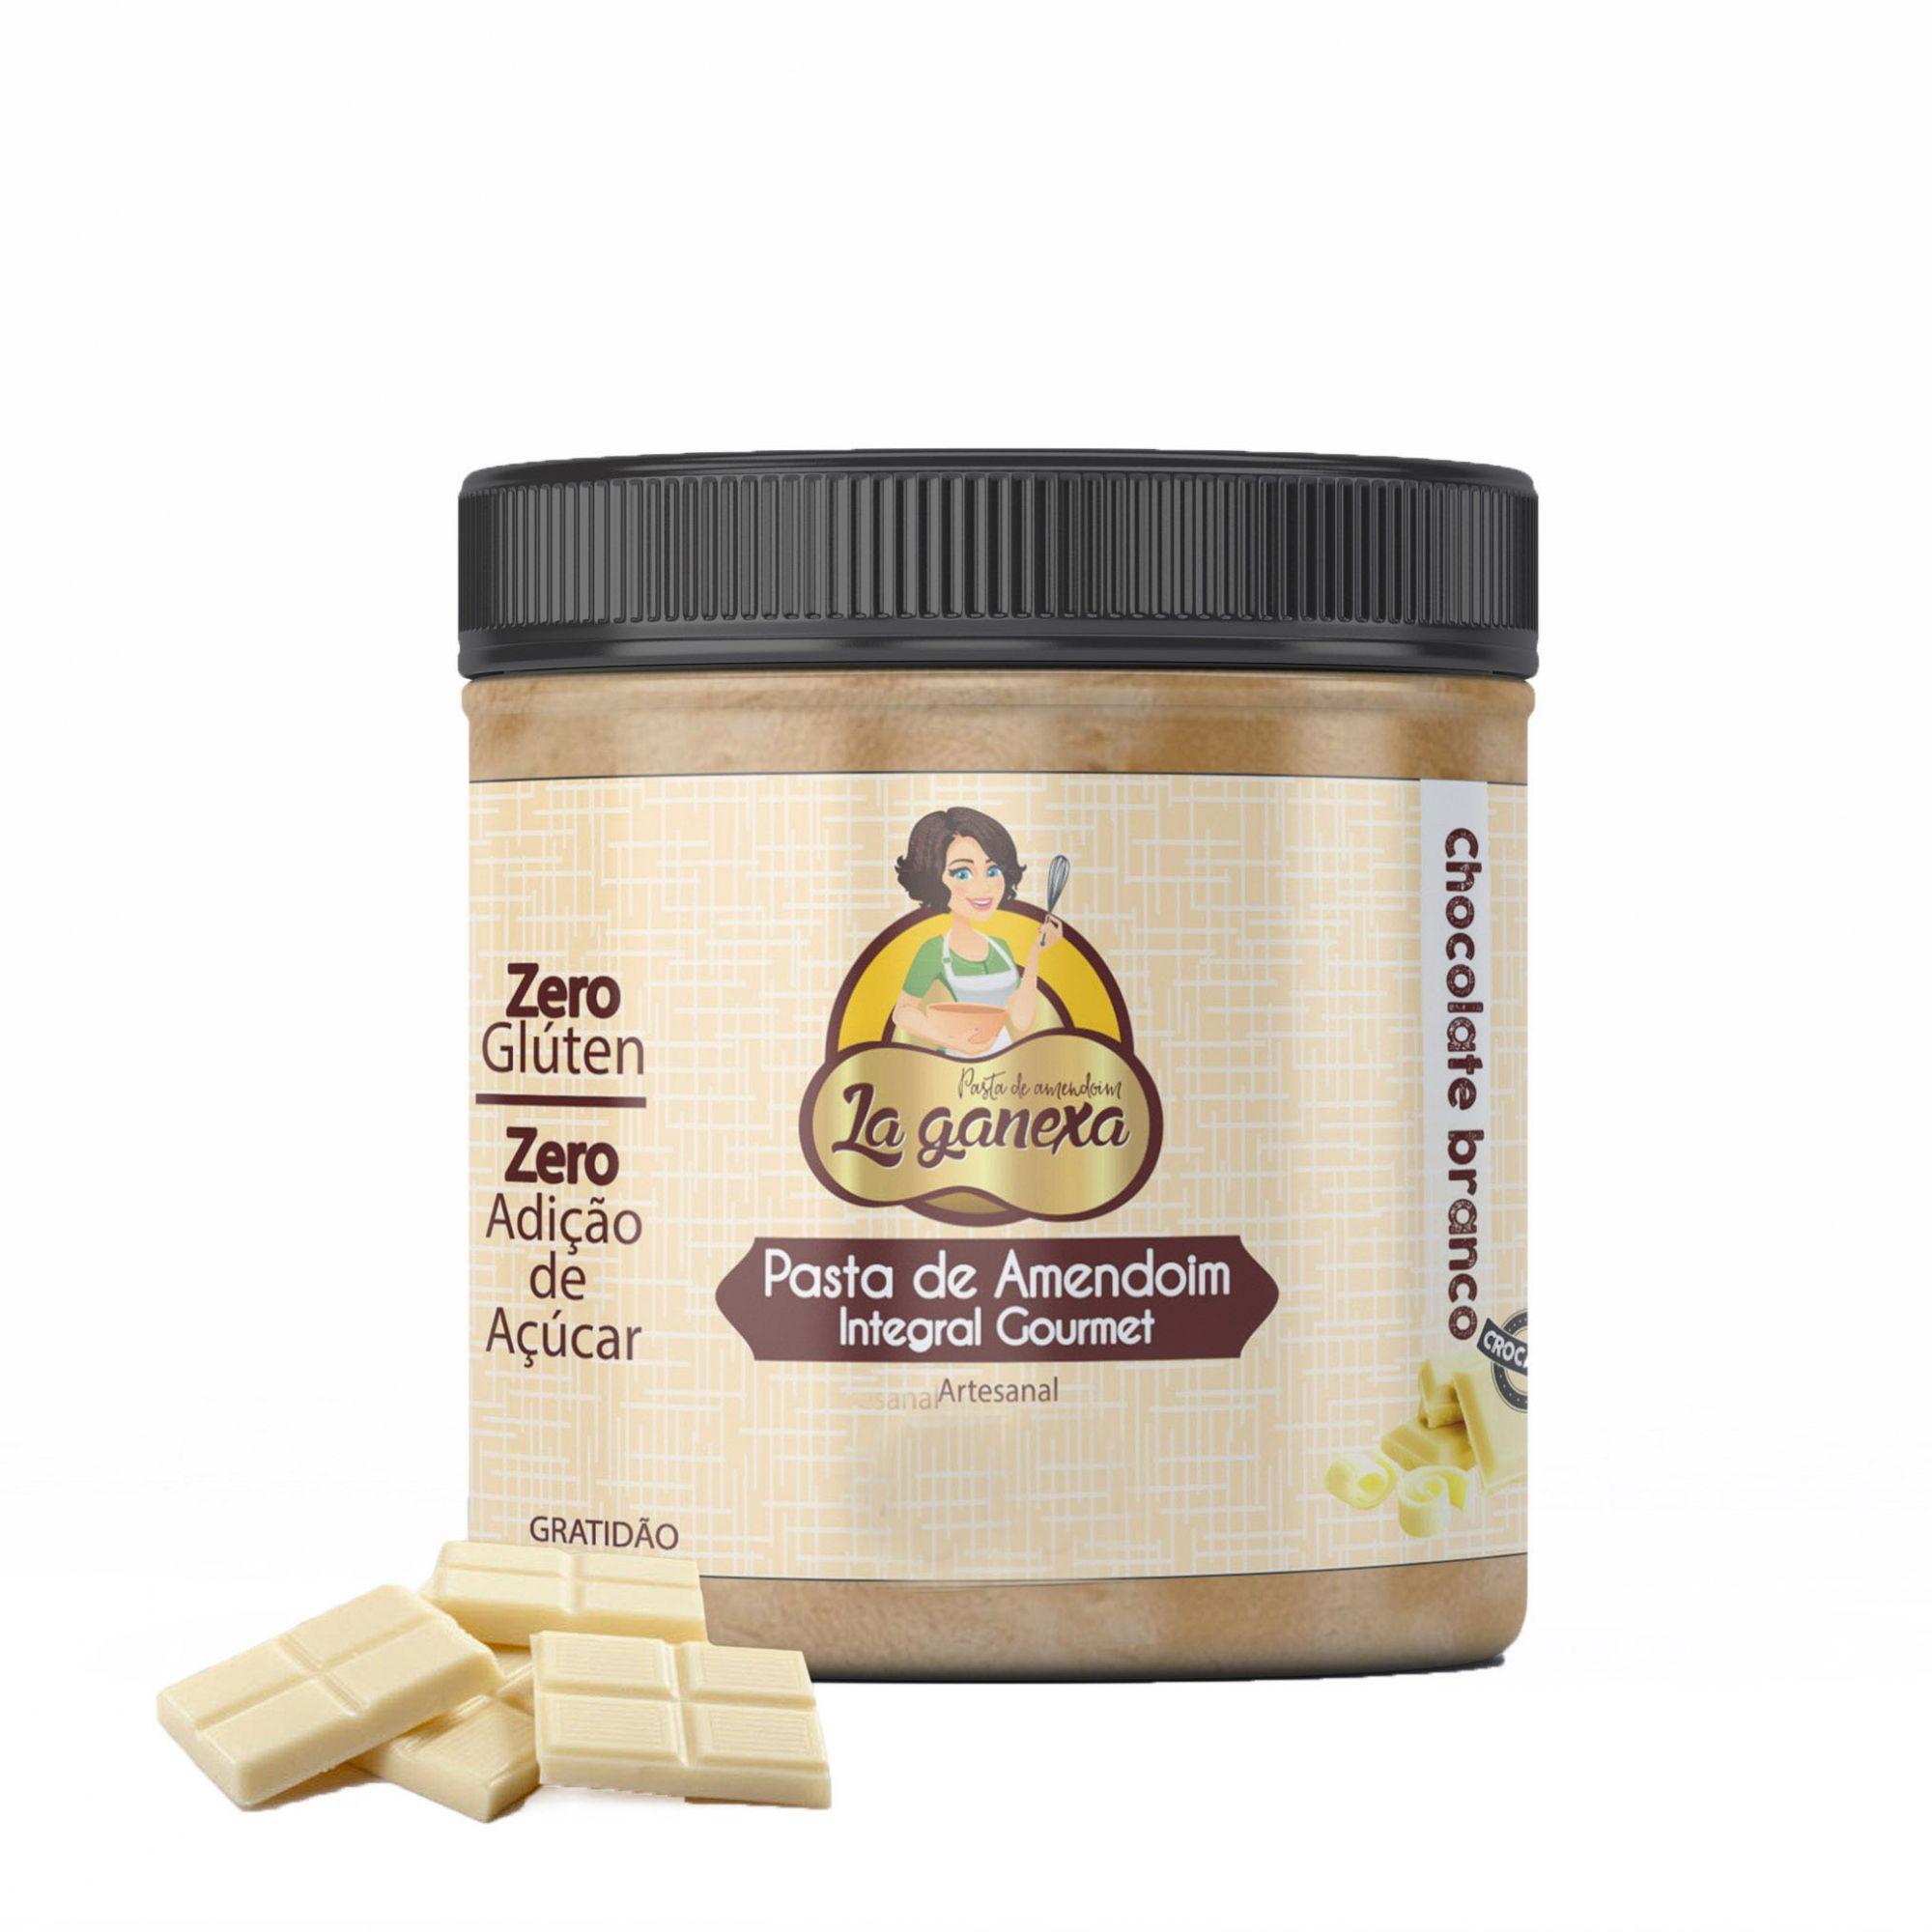 Pasta de Amendoim Integral Gourmet Chocolate Branco Crocante 1,005kg La Ganexa